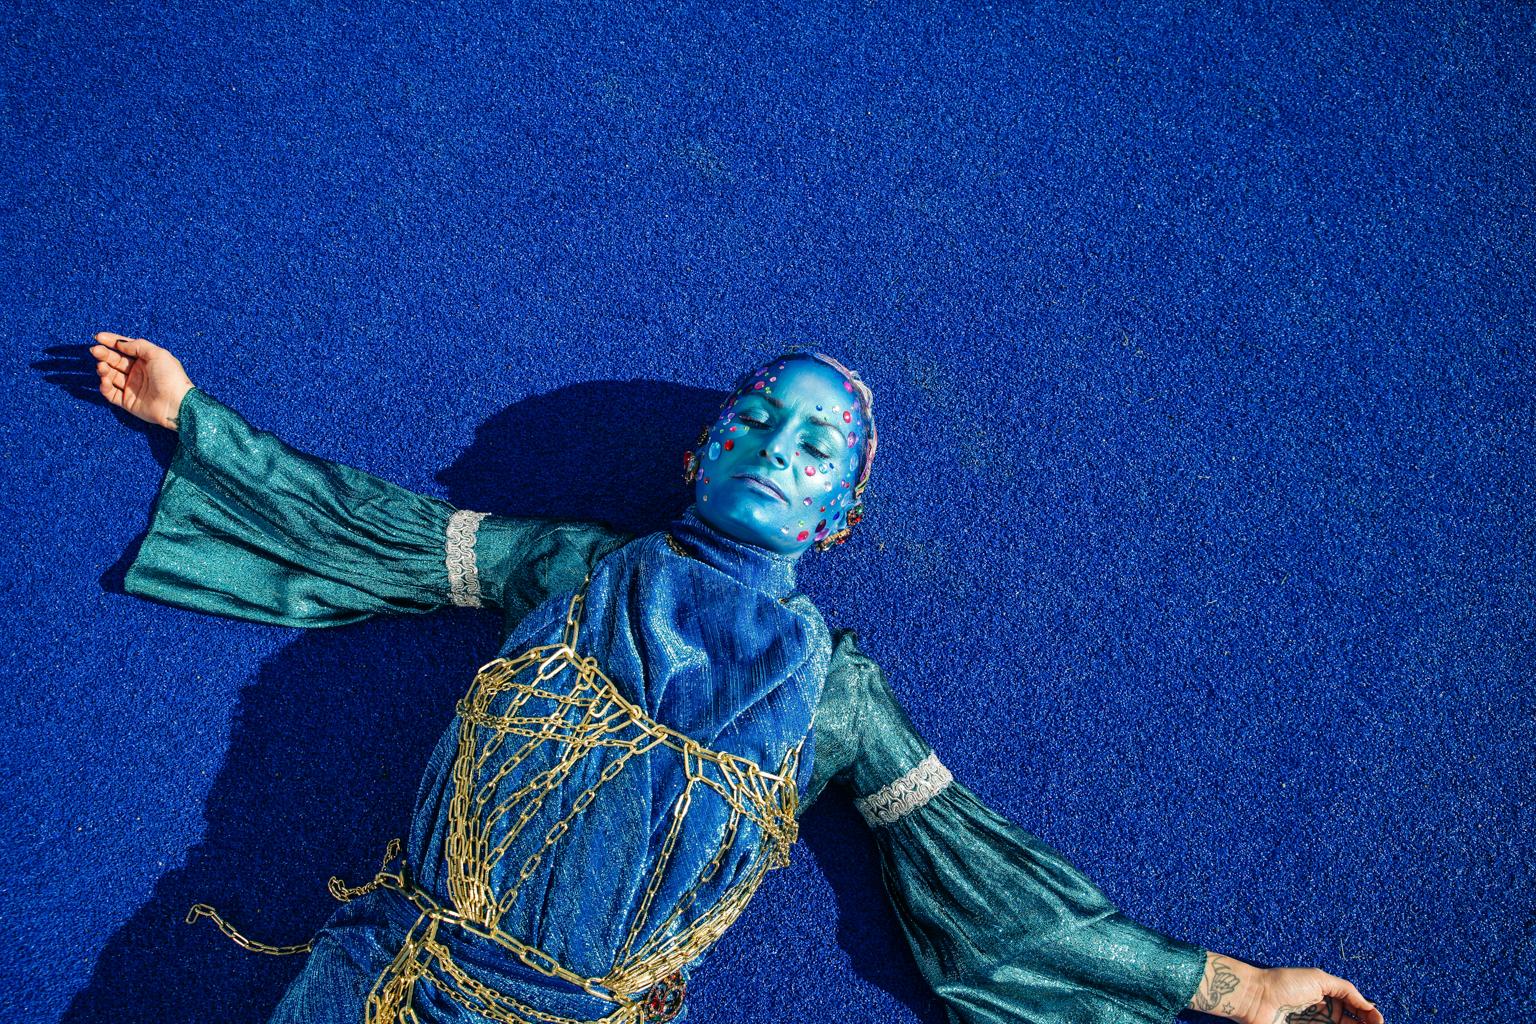 spaceoddity-bluesmoke2-web-13.jpg